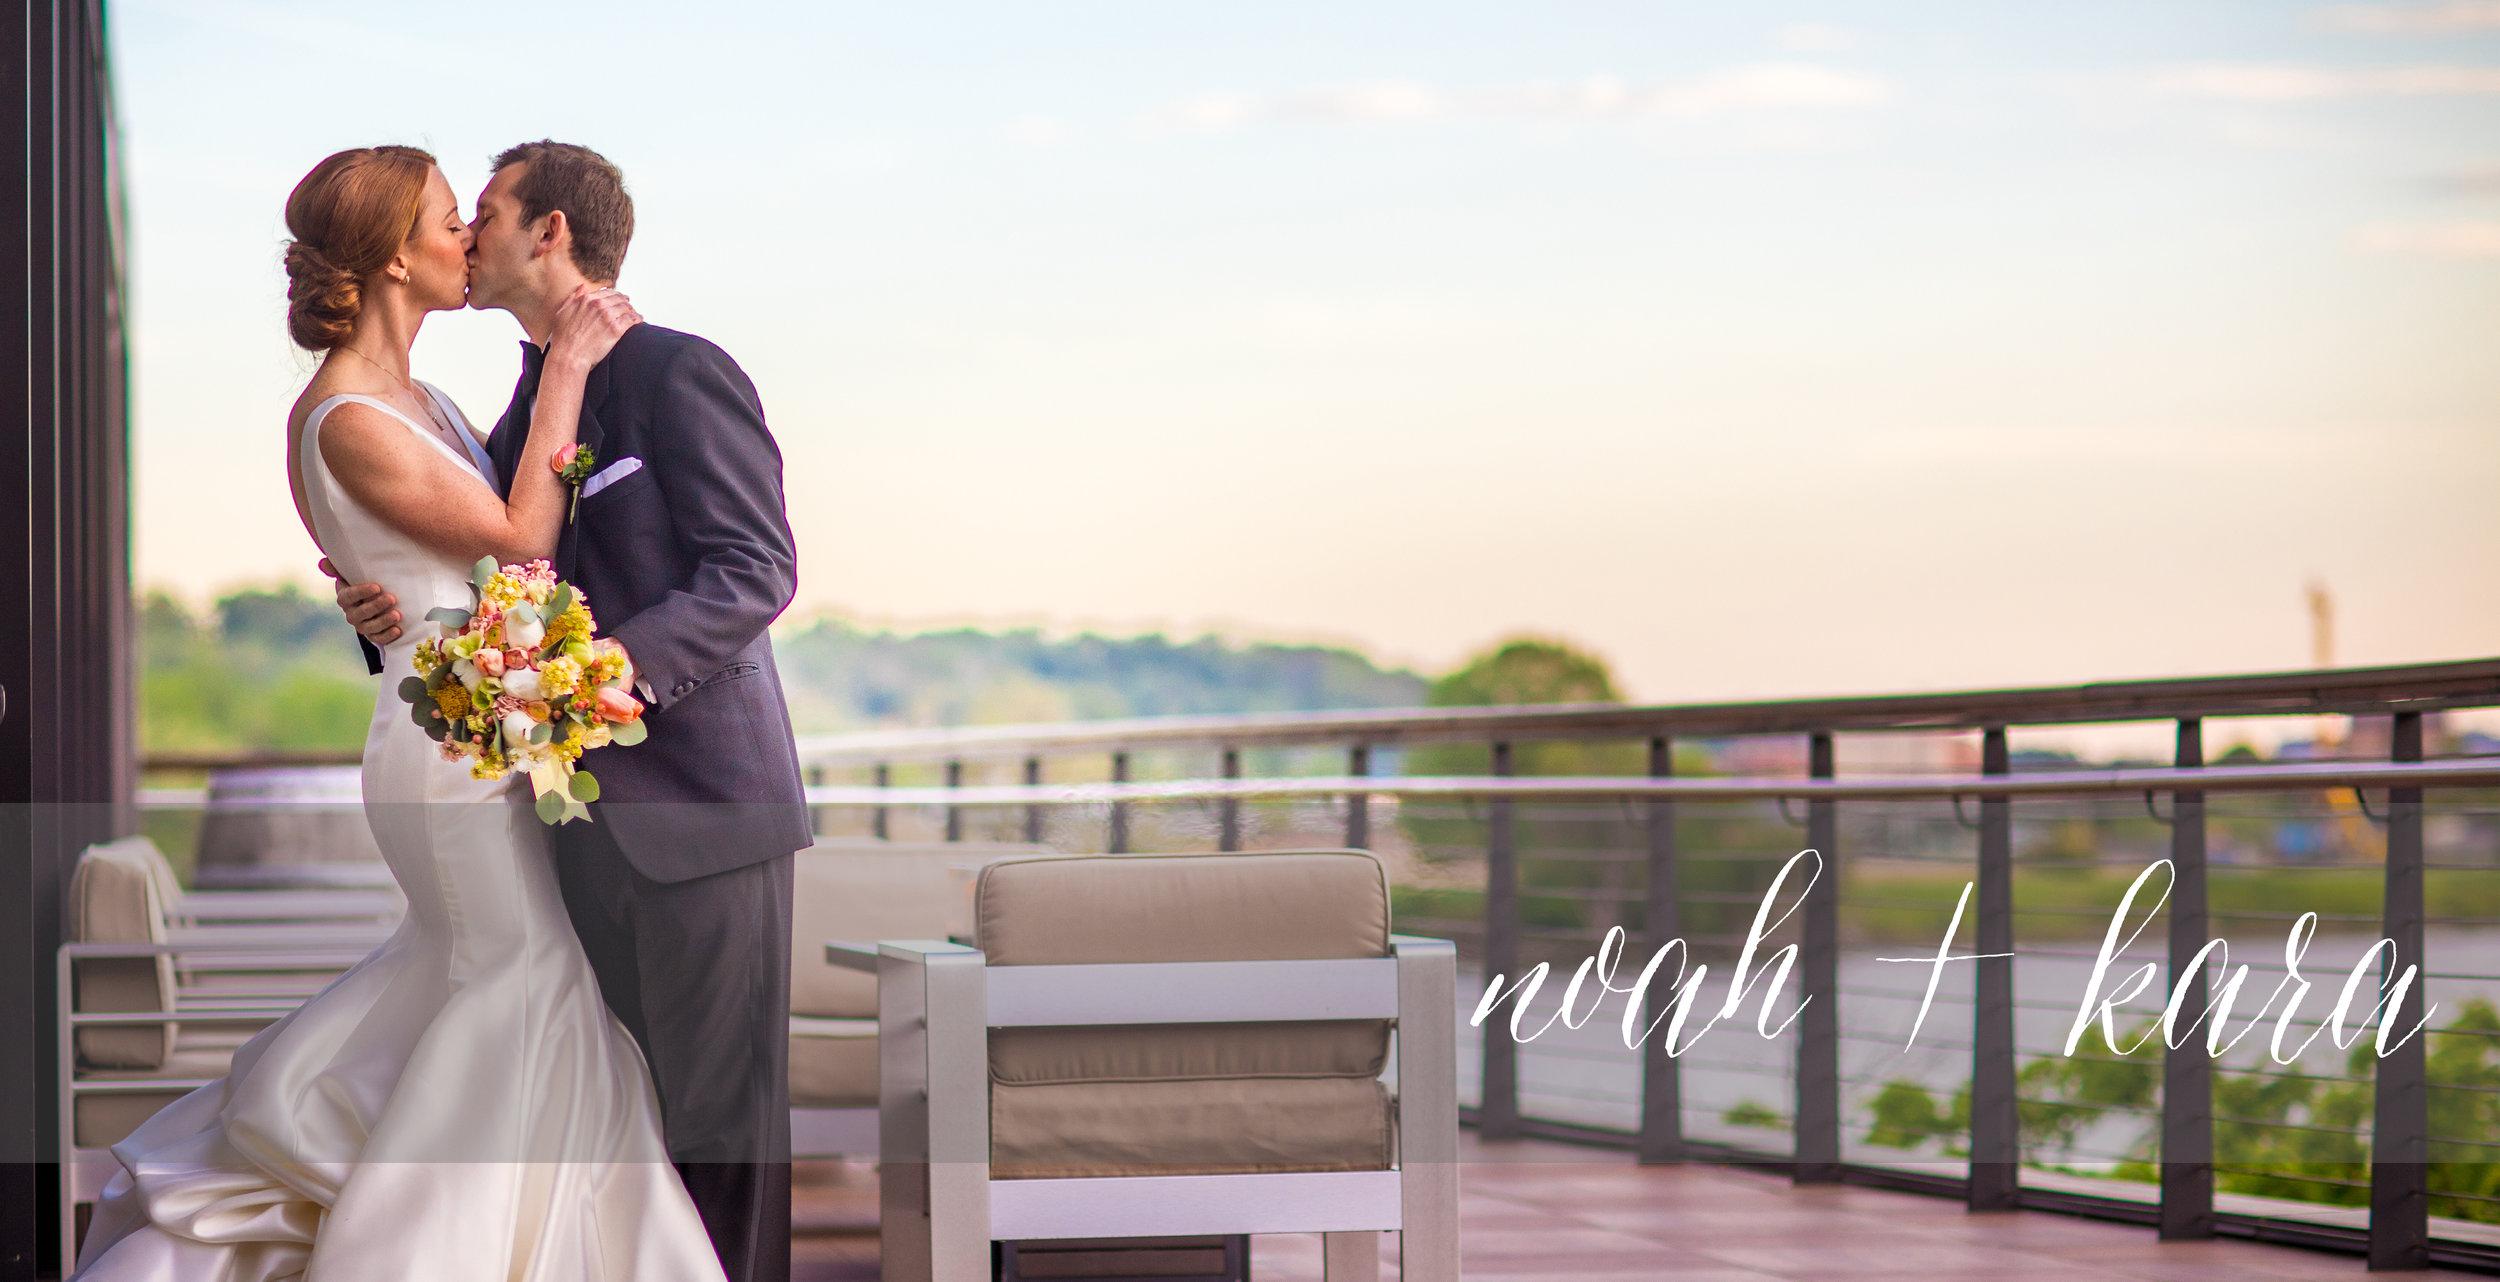 best colorful storytelling wedding photographers Washington DC